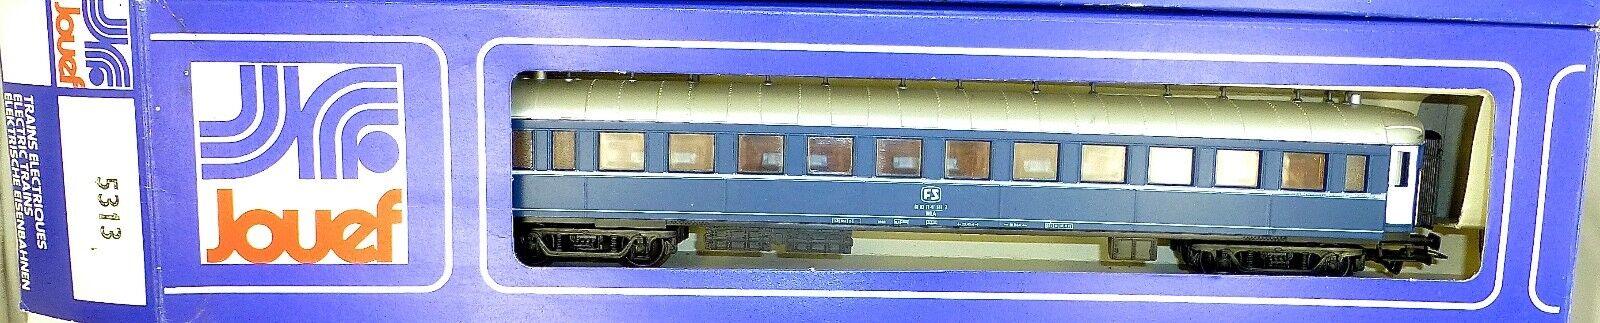 FS Sleeper Wla 61 83 71 41 511 7 Equipped Jouef 5313 1 87 H0 Ovp Ka3 Å